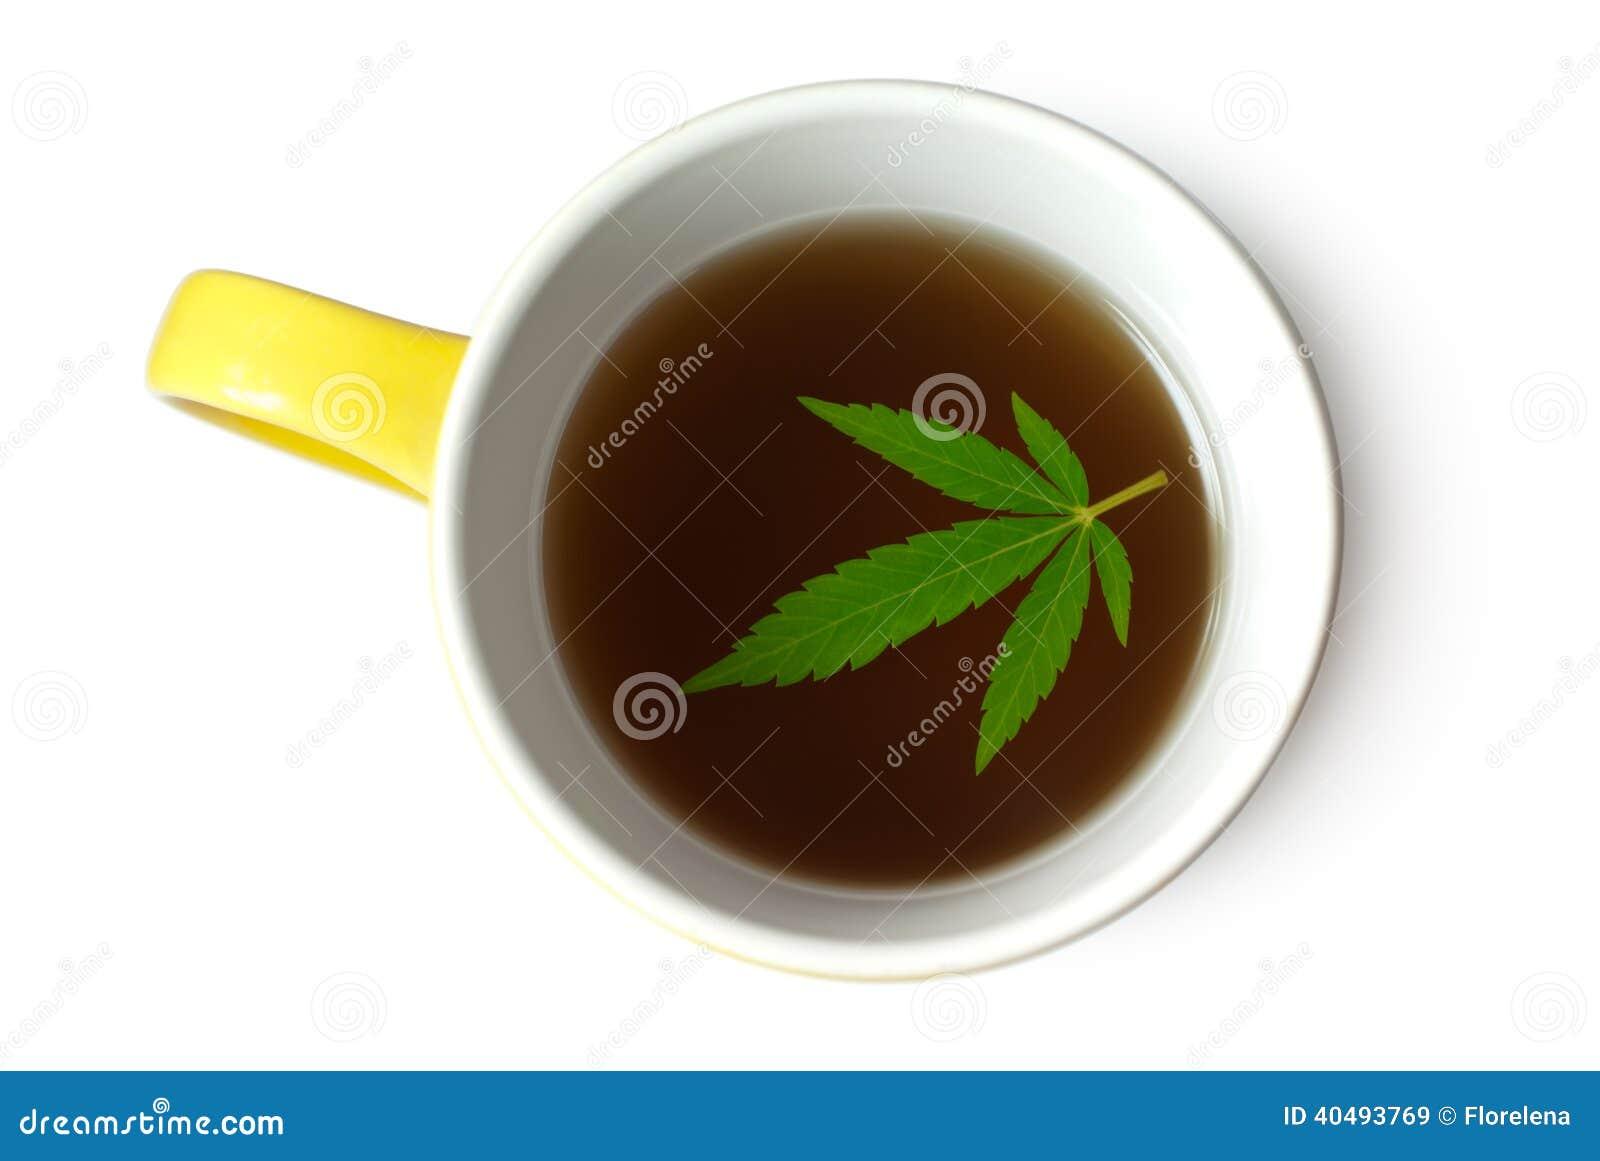 Feuille de chanvre (cannabis) dans la tasse de thé